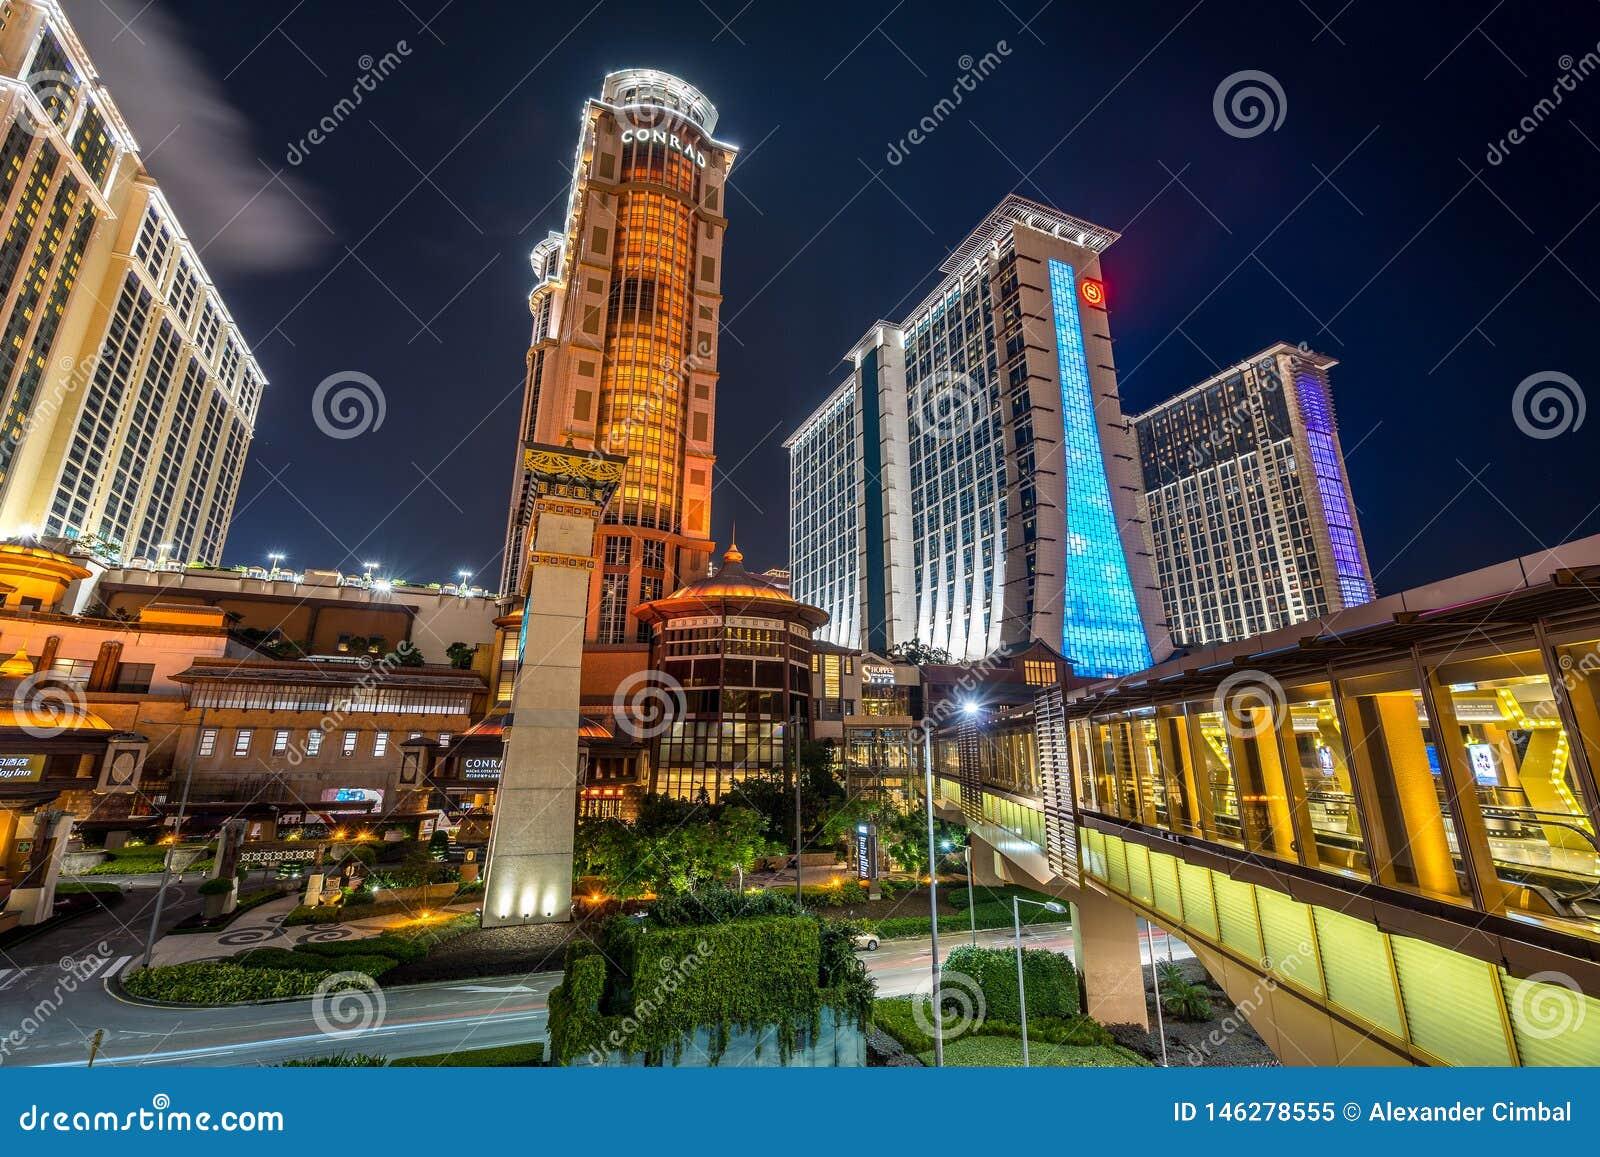 Macau China Casinos